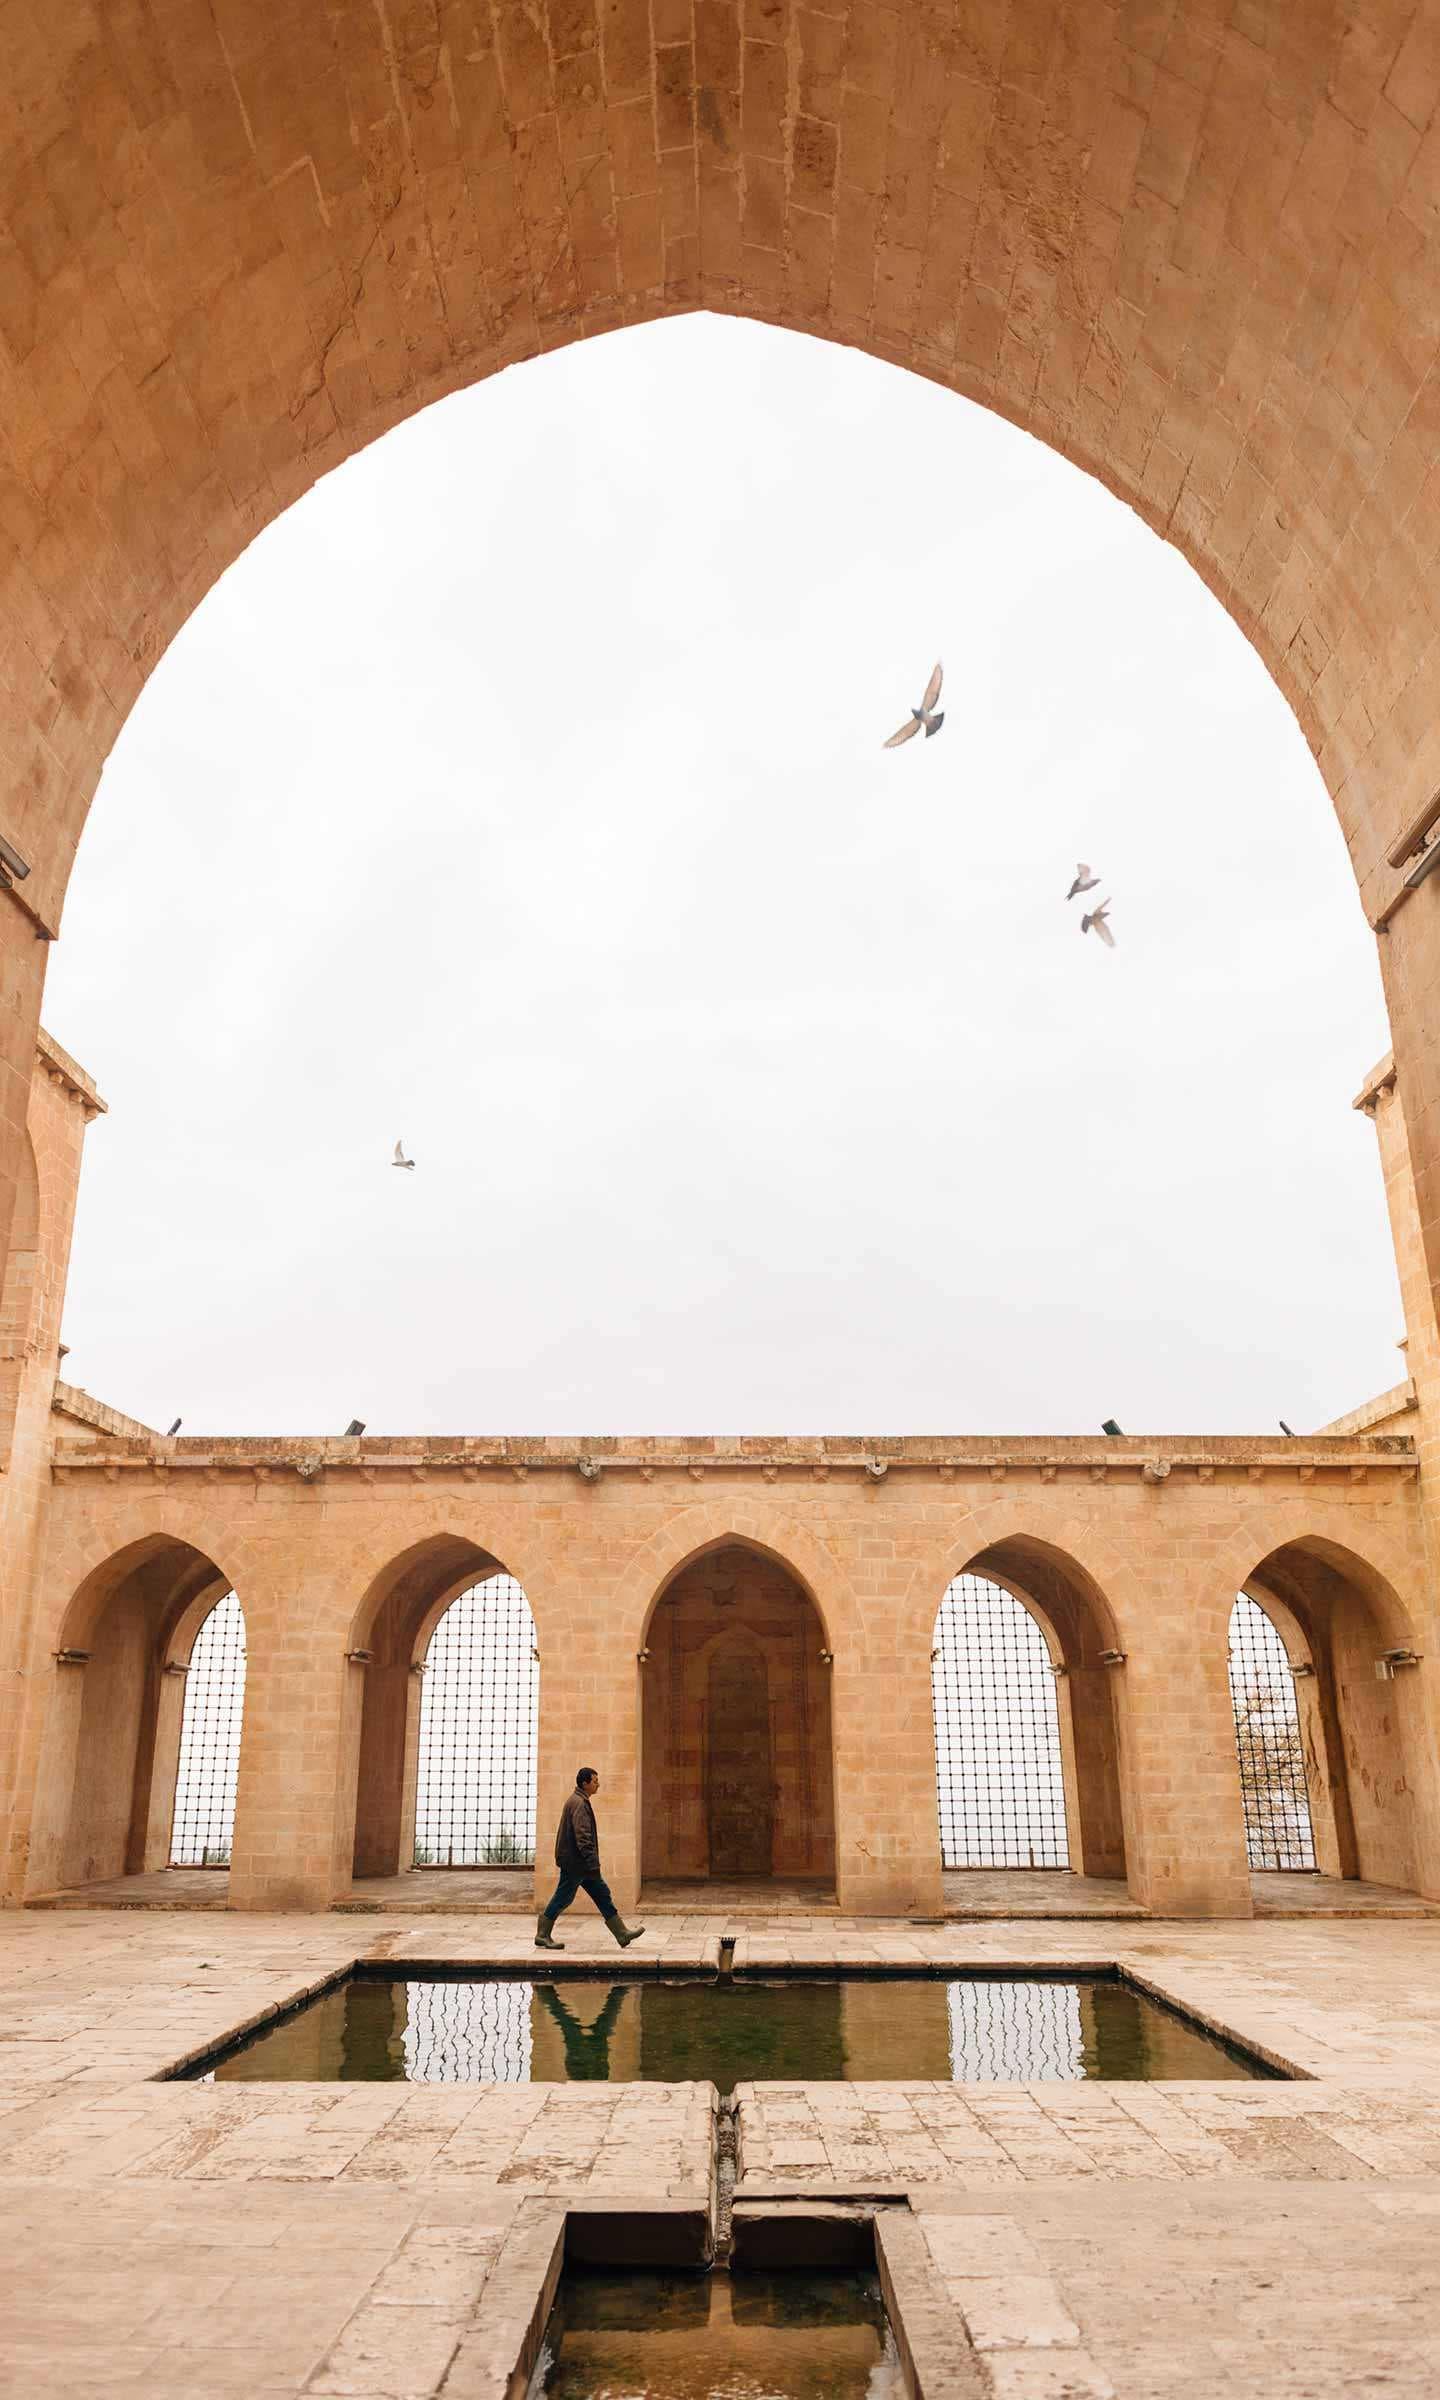 A Man Walks Across a Medrese in Mardin, Turkey